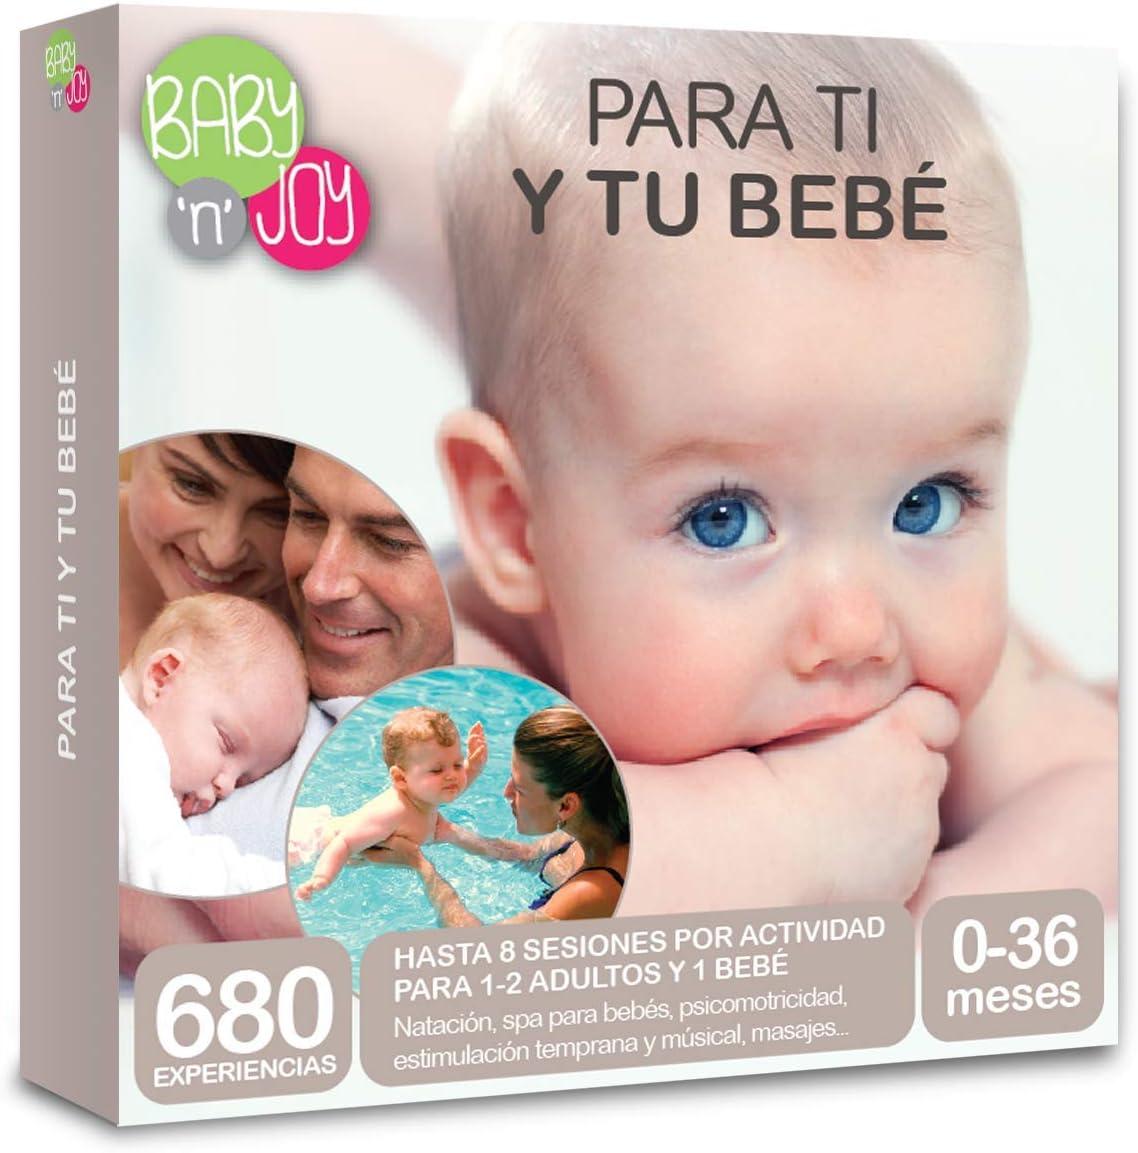 baby n joy para ti y tu bebe